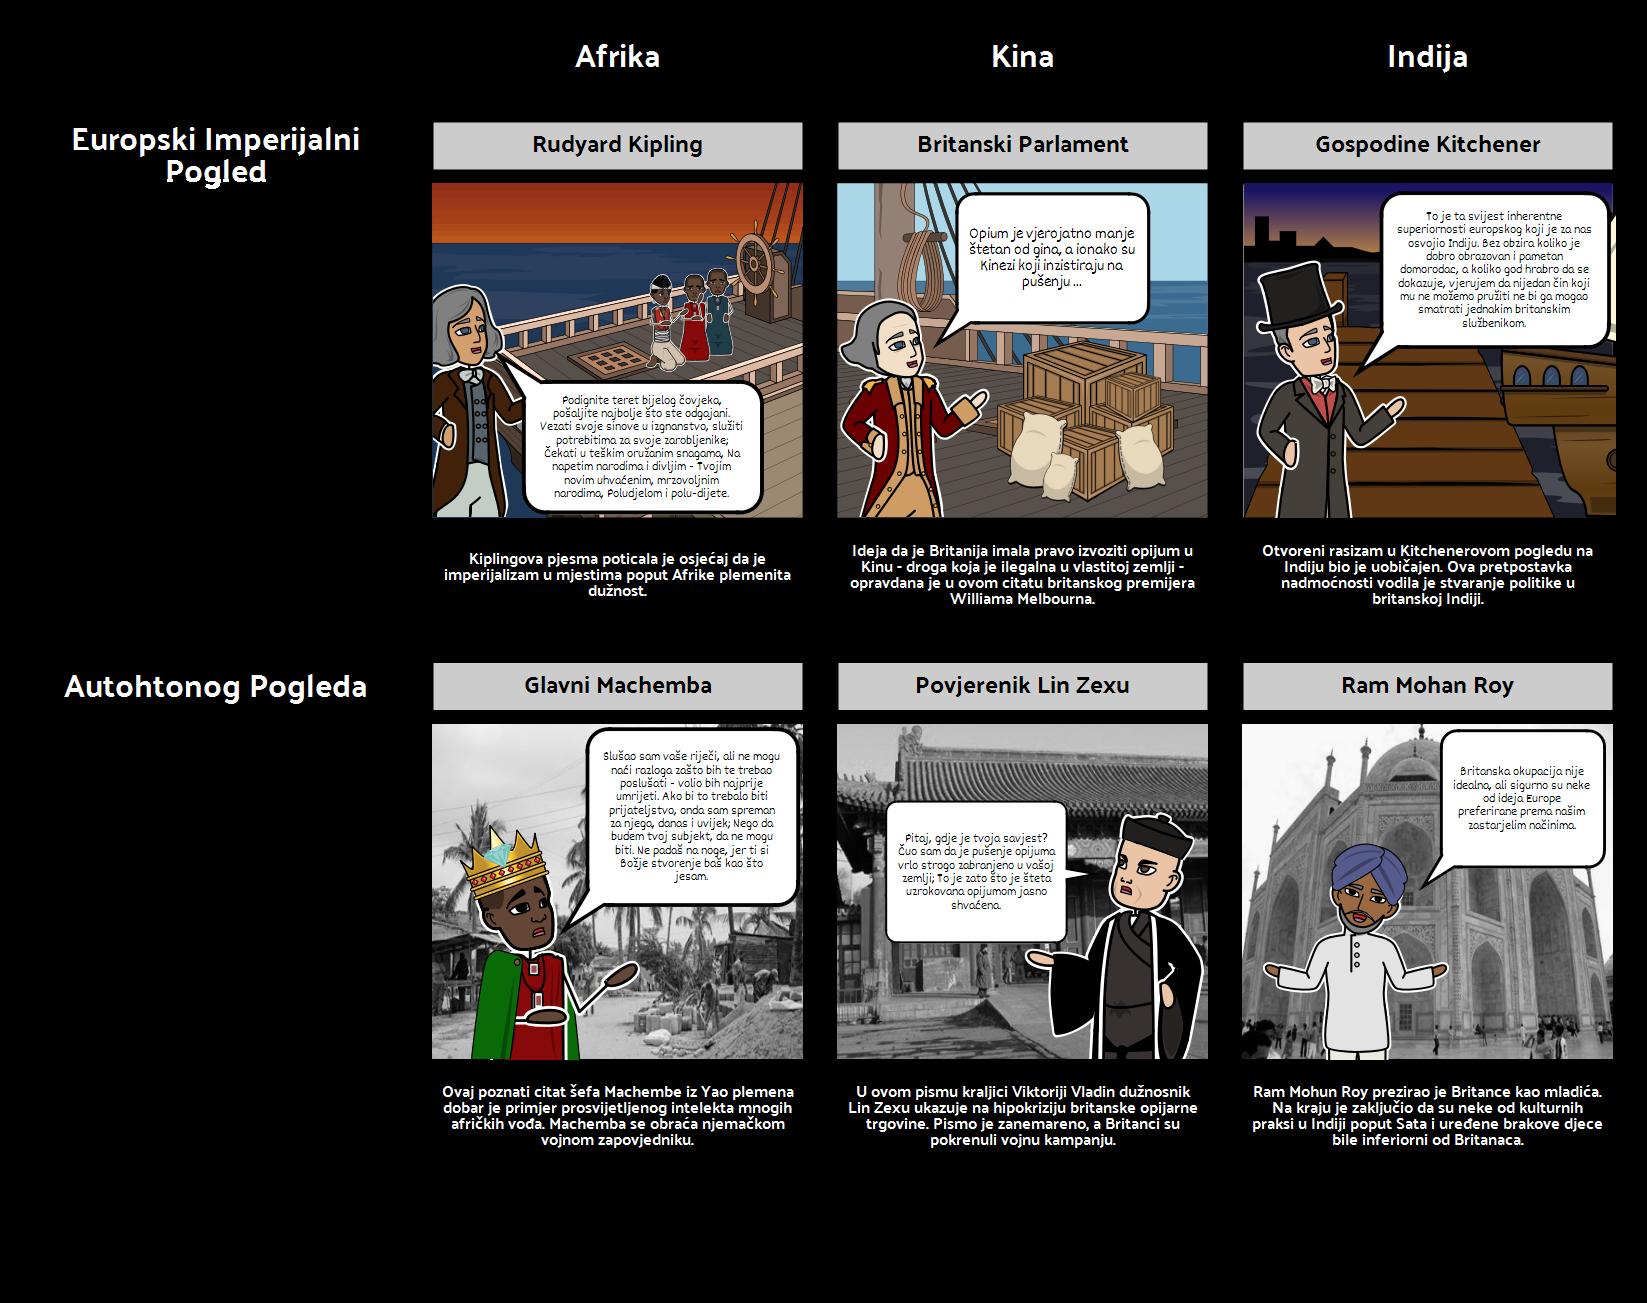 Povijest Imperijalizma - Suprotno POV: Imperijalizam Protiv Autohtonih